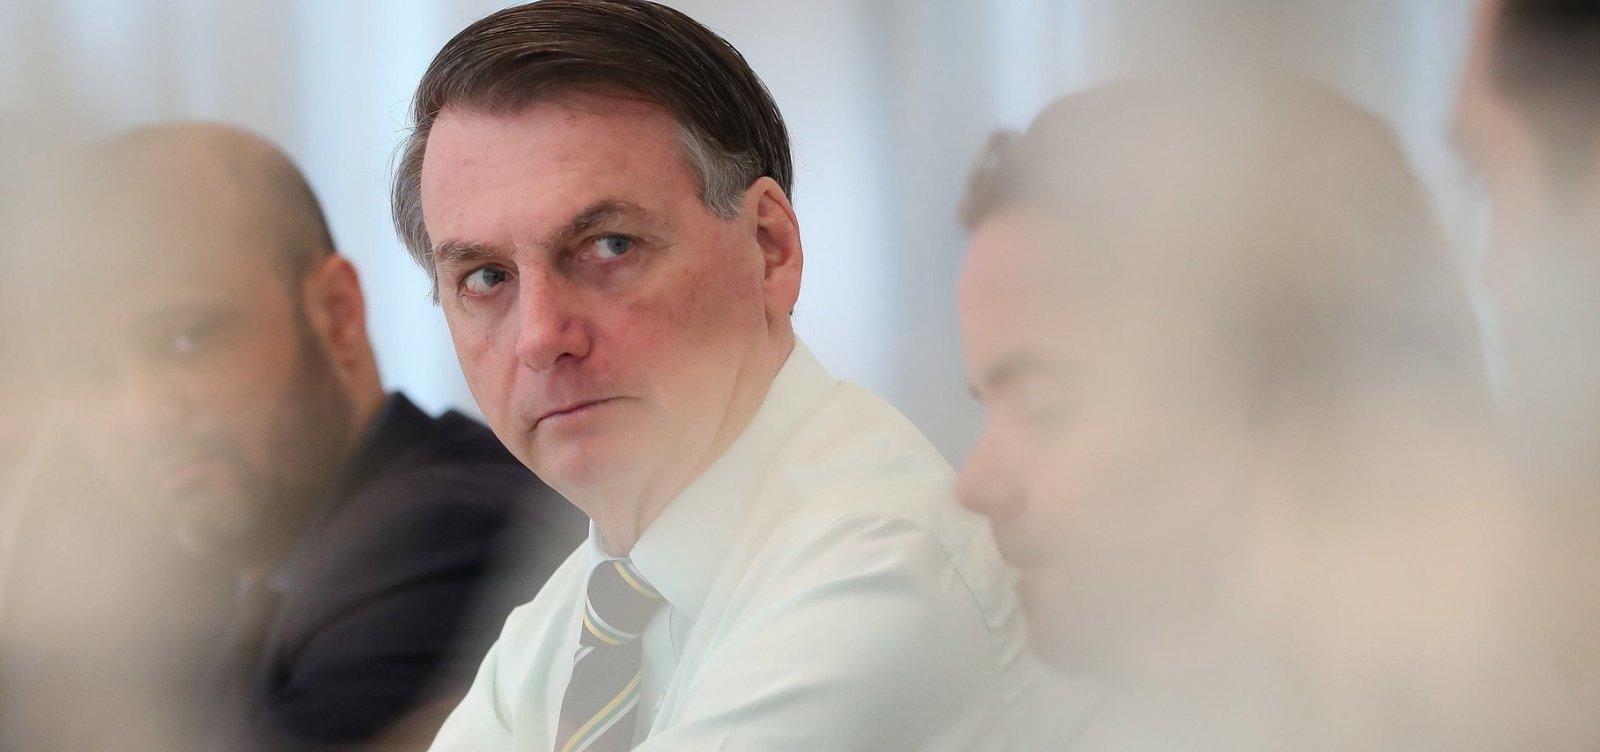 [Ministros do STF enxergam crimes de Bolsonaro na fala de Moro]